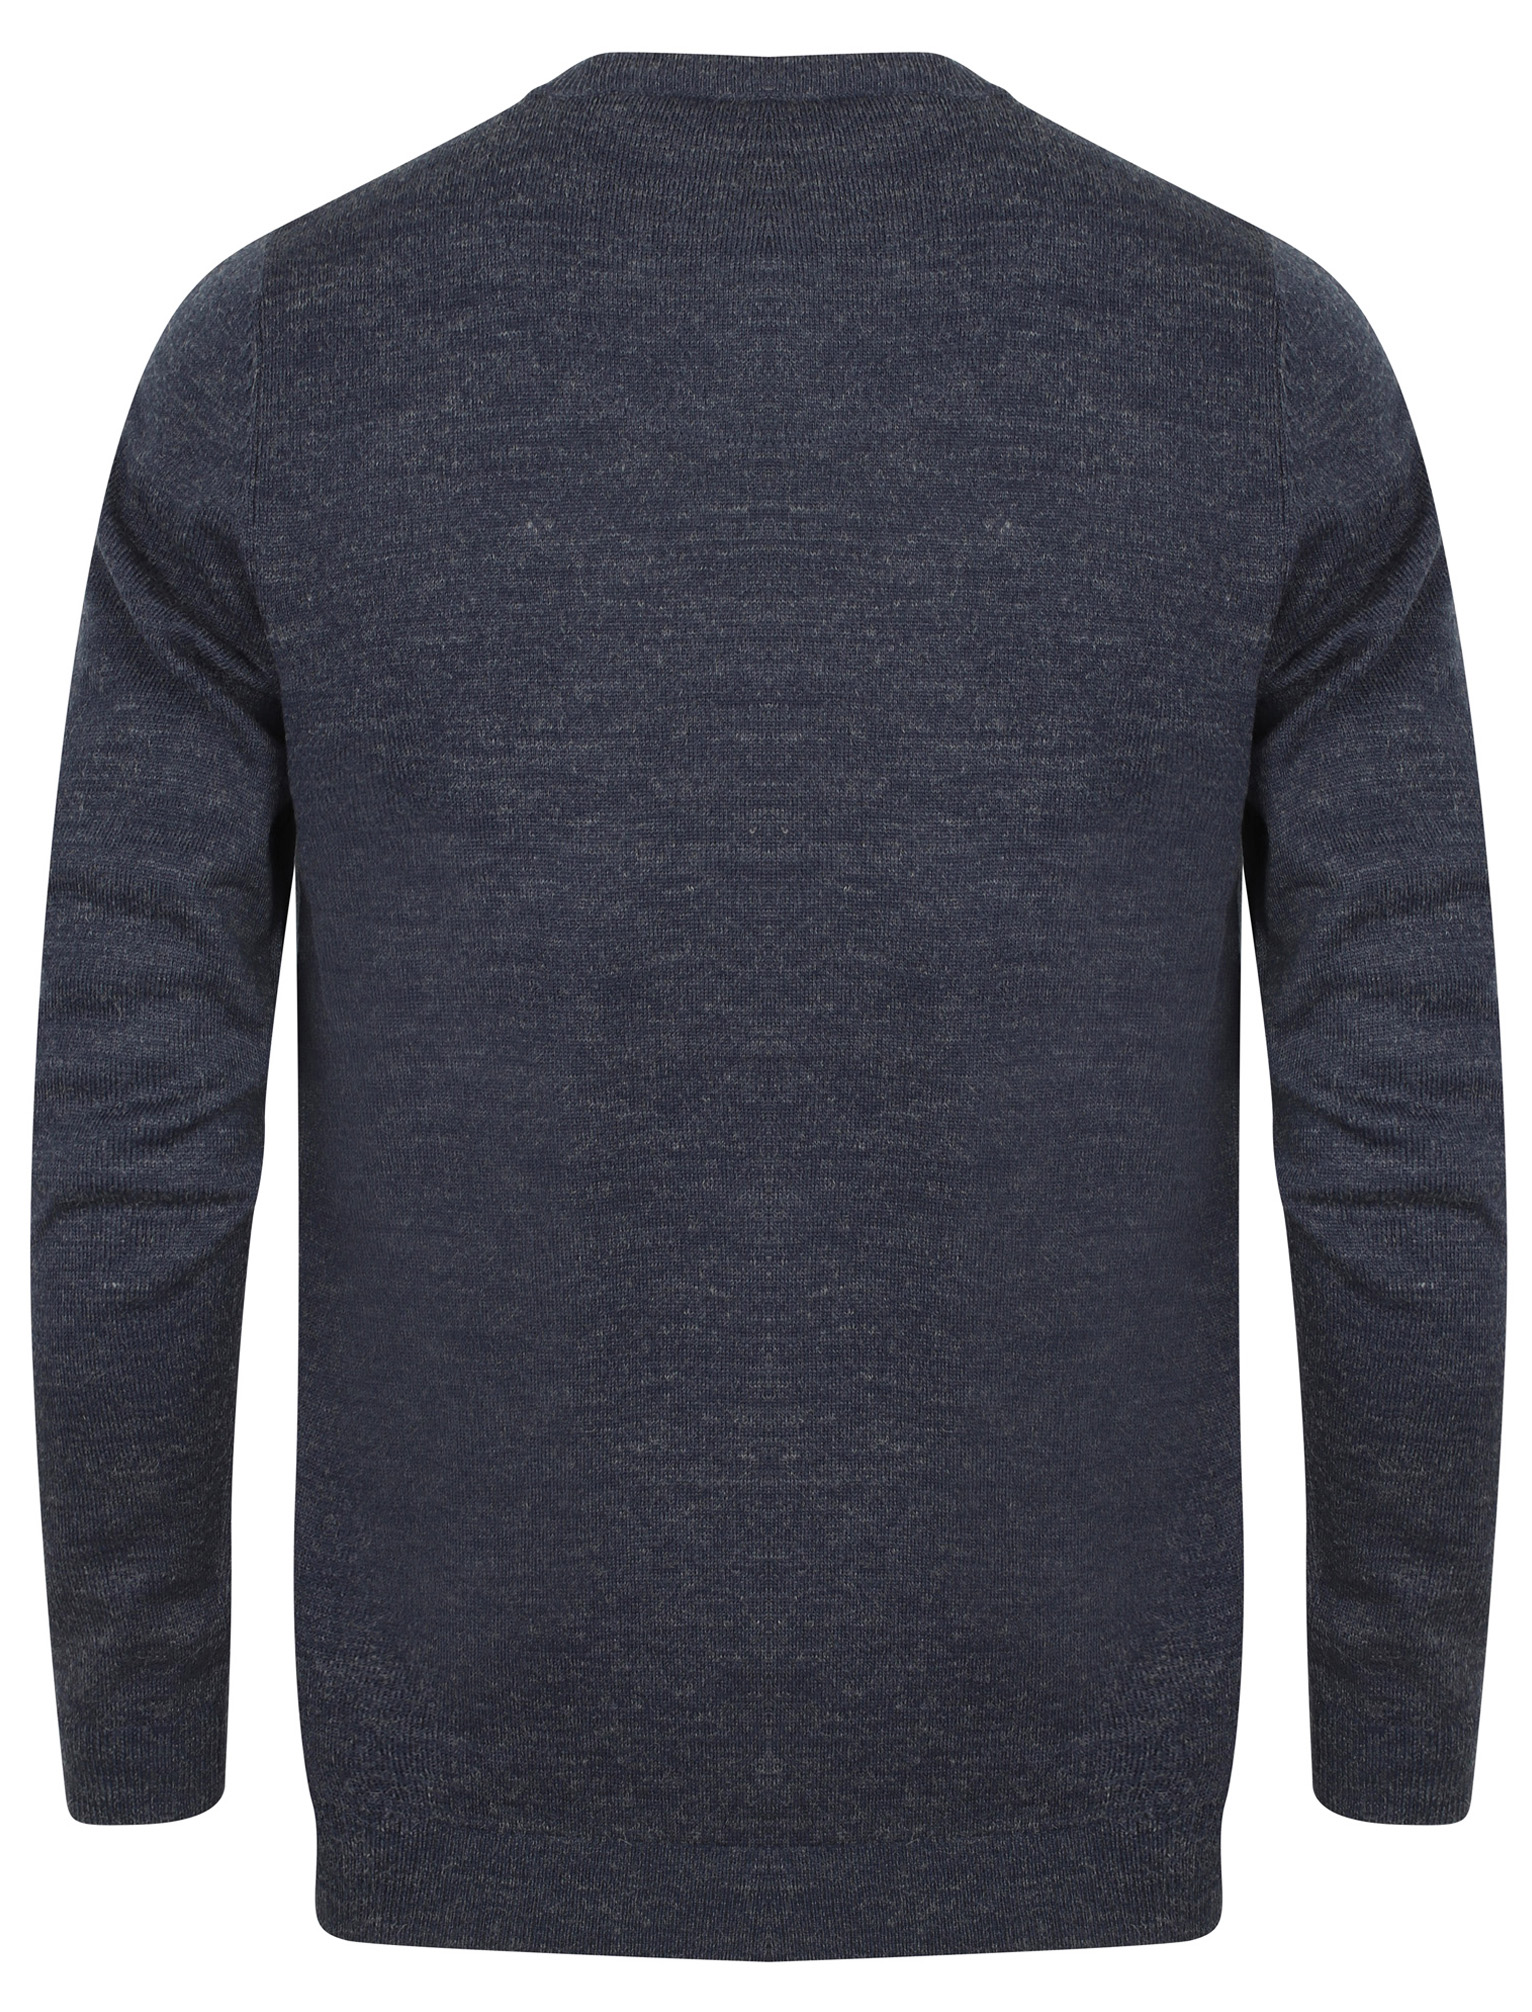 Kensington-Eastside-Men-039-s-Wool-Blend-Knitted-Crew-or-V-Neck-Jumper-Sweater-Top thumbnail 23